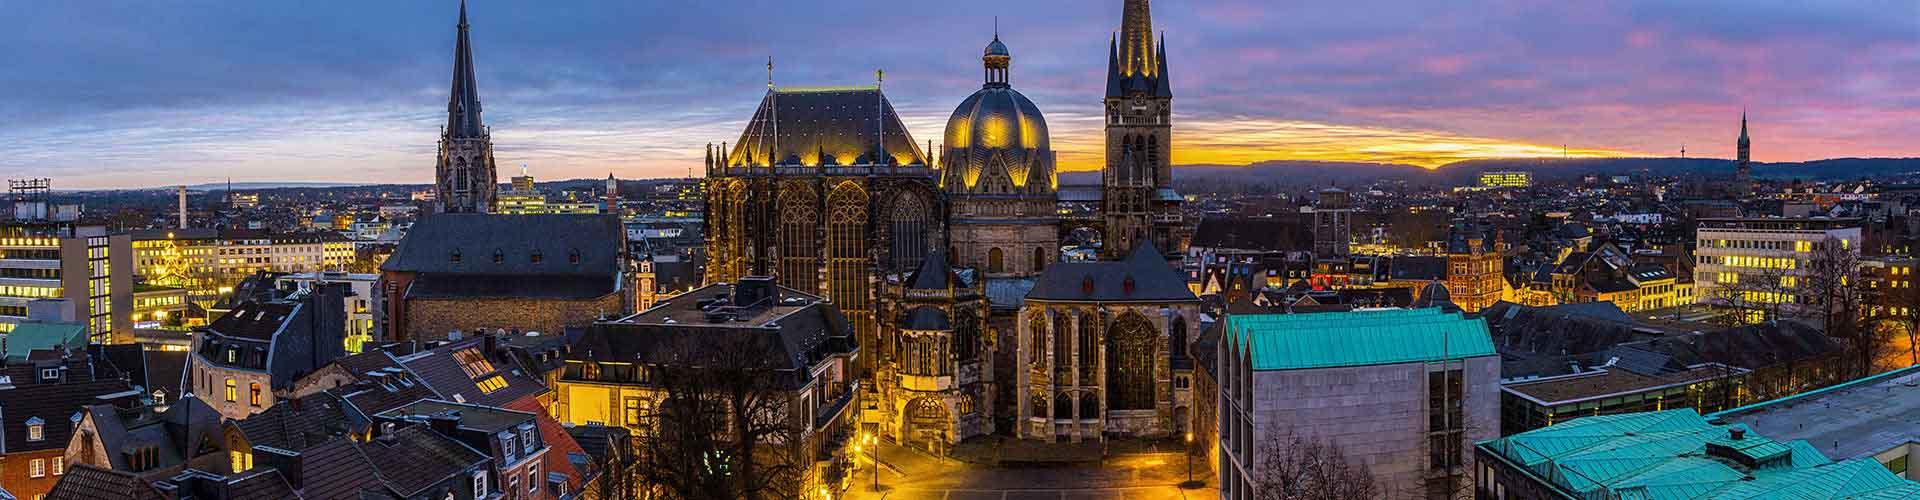 Aachen - Hostels em Aachen. Mapas para Aachen, Fotos e Avaliações para cada Hostel em Aachen.